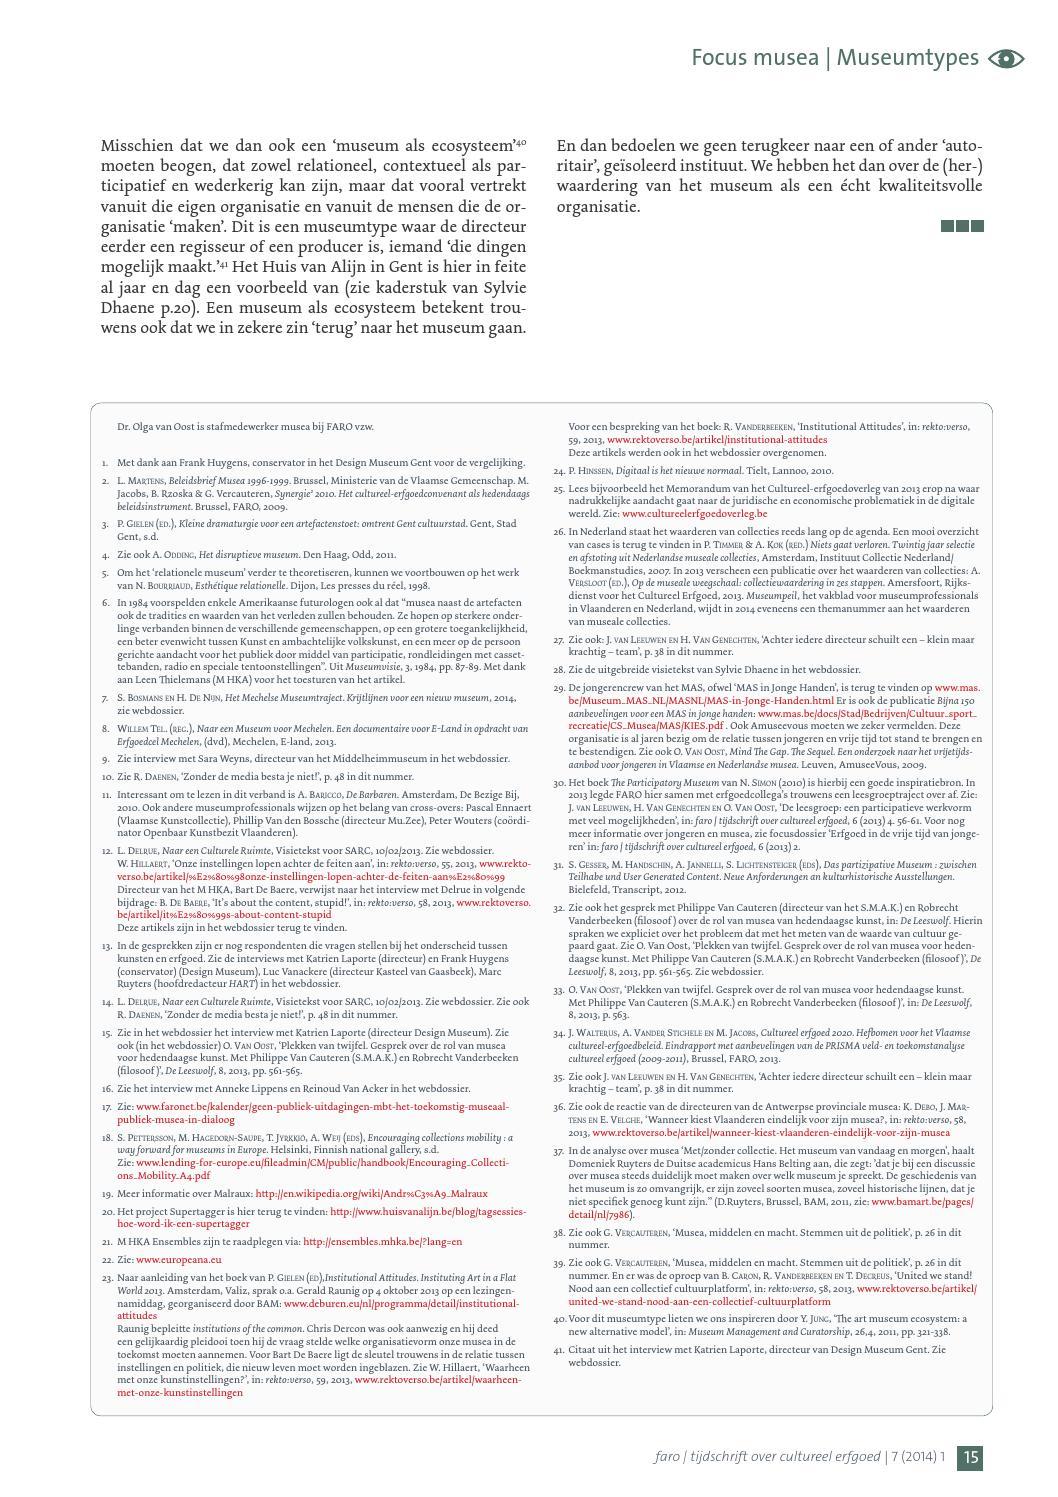 Faro Tijdschrift Over Cultureel Erfgoed 720141 By Faro Faronet